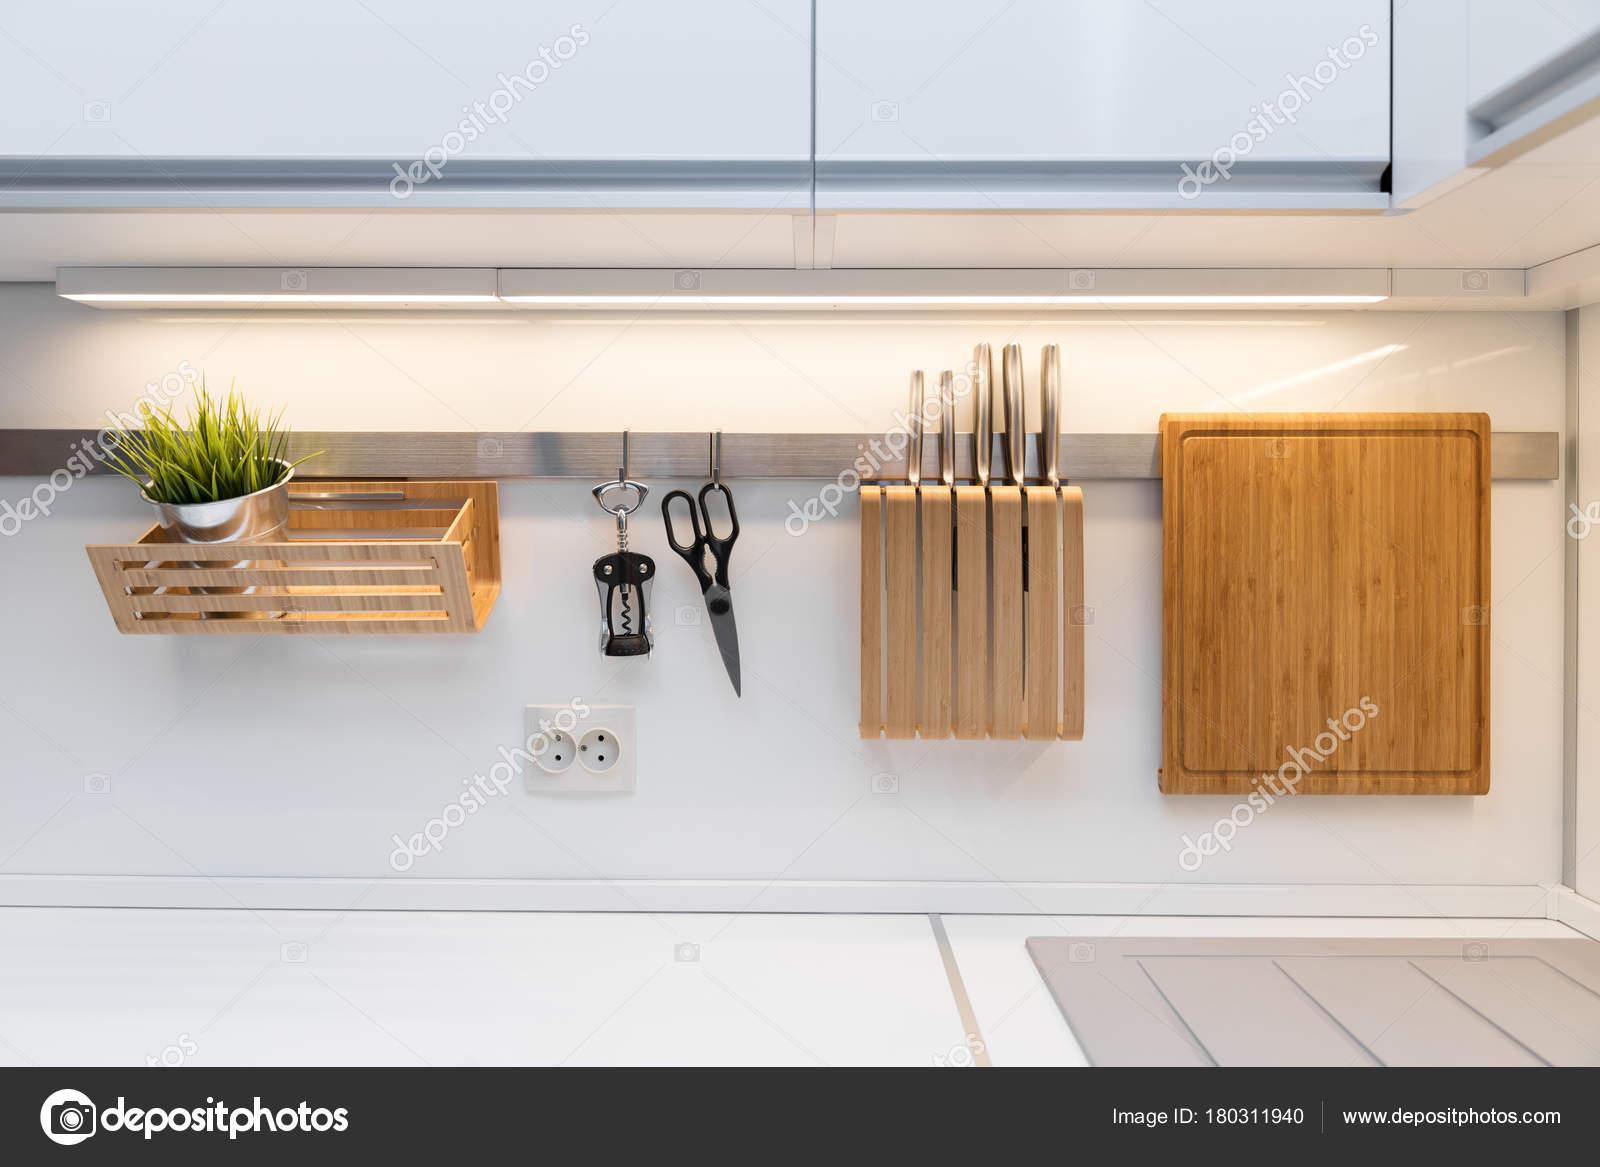 Utensili da cucina appeso sulla guida in cucina bianca lucida